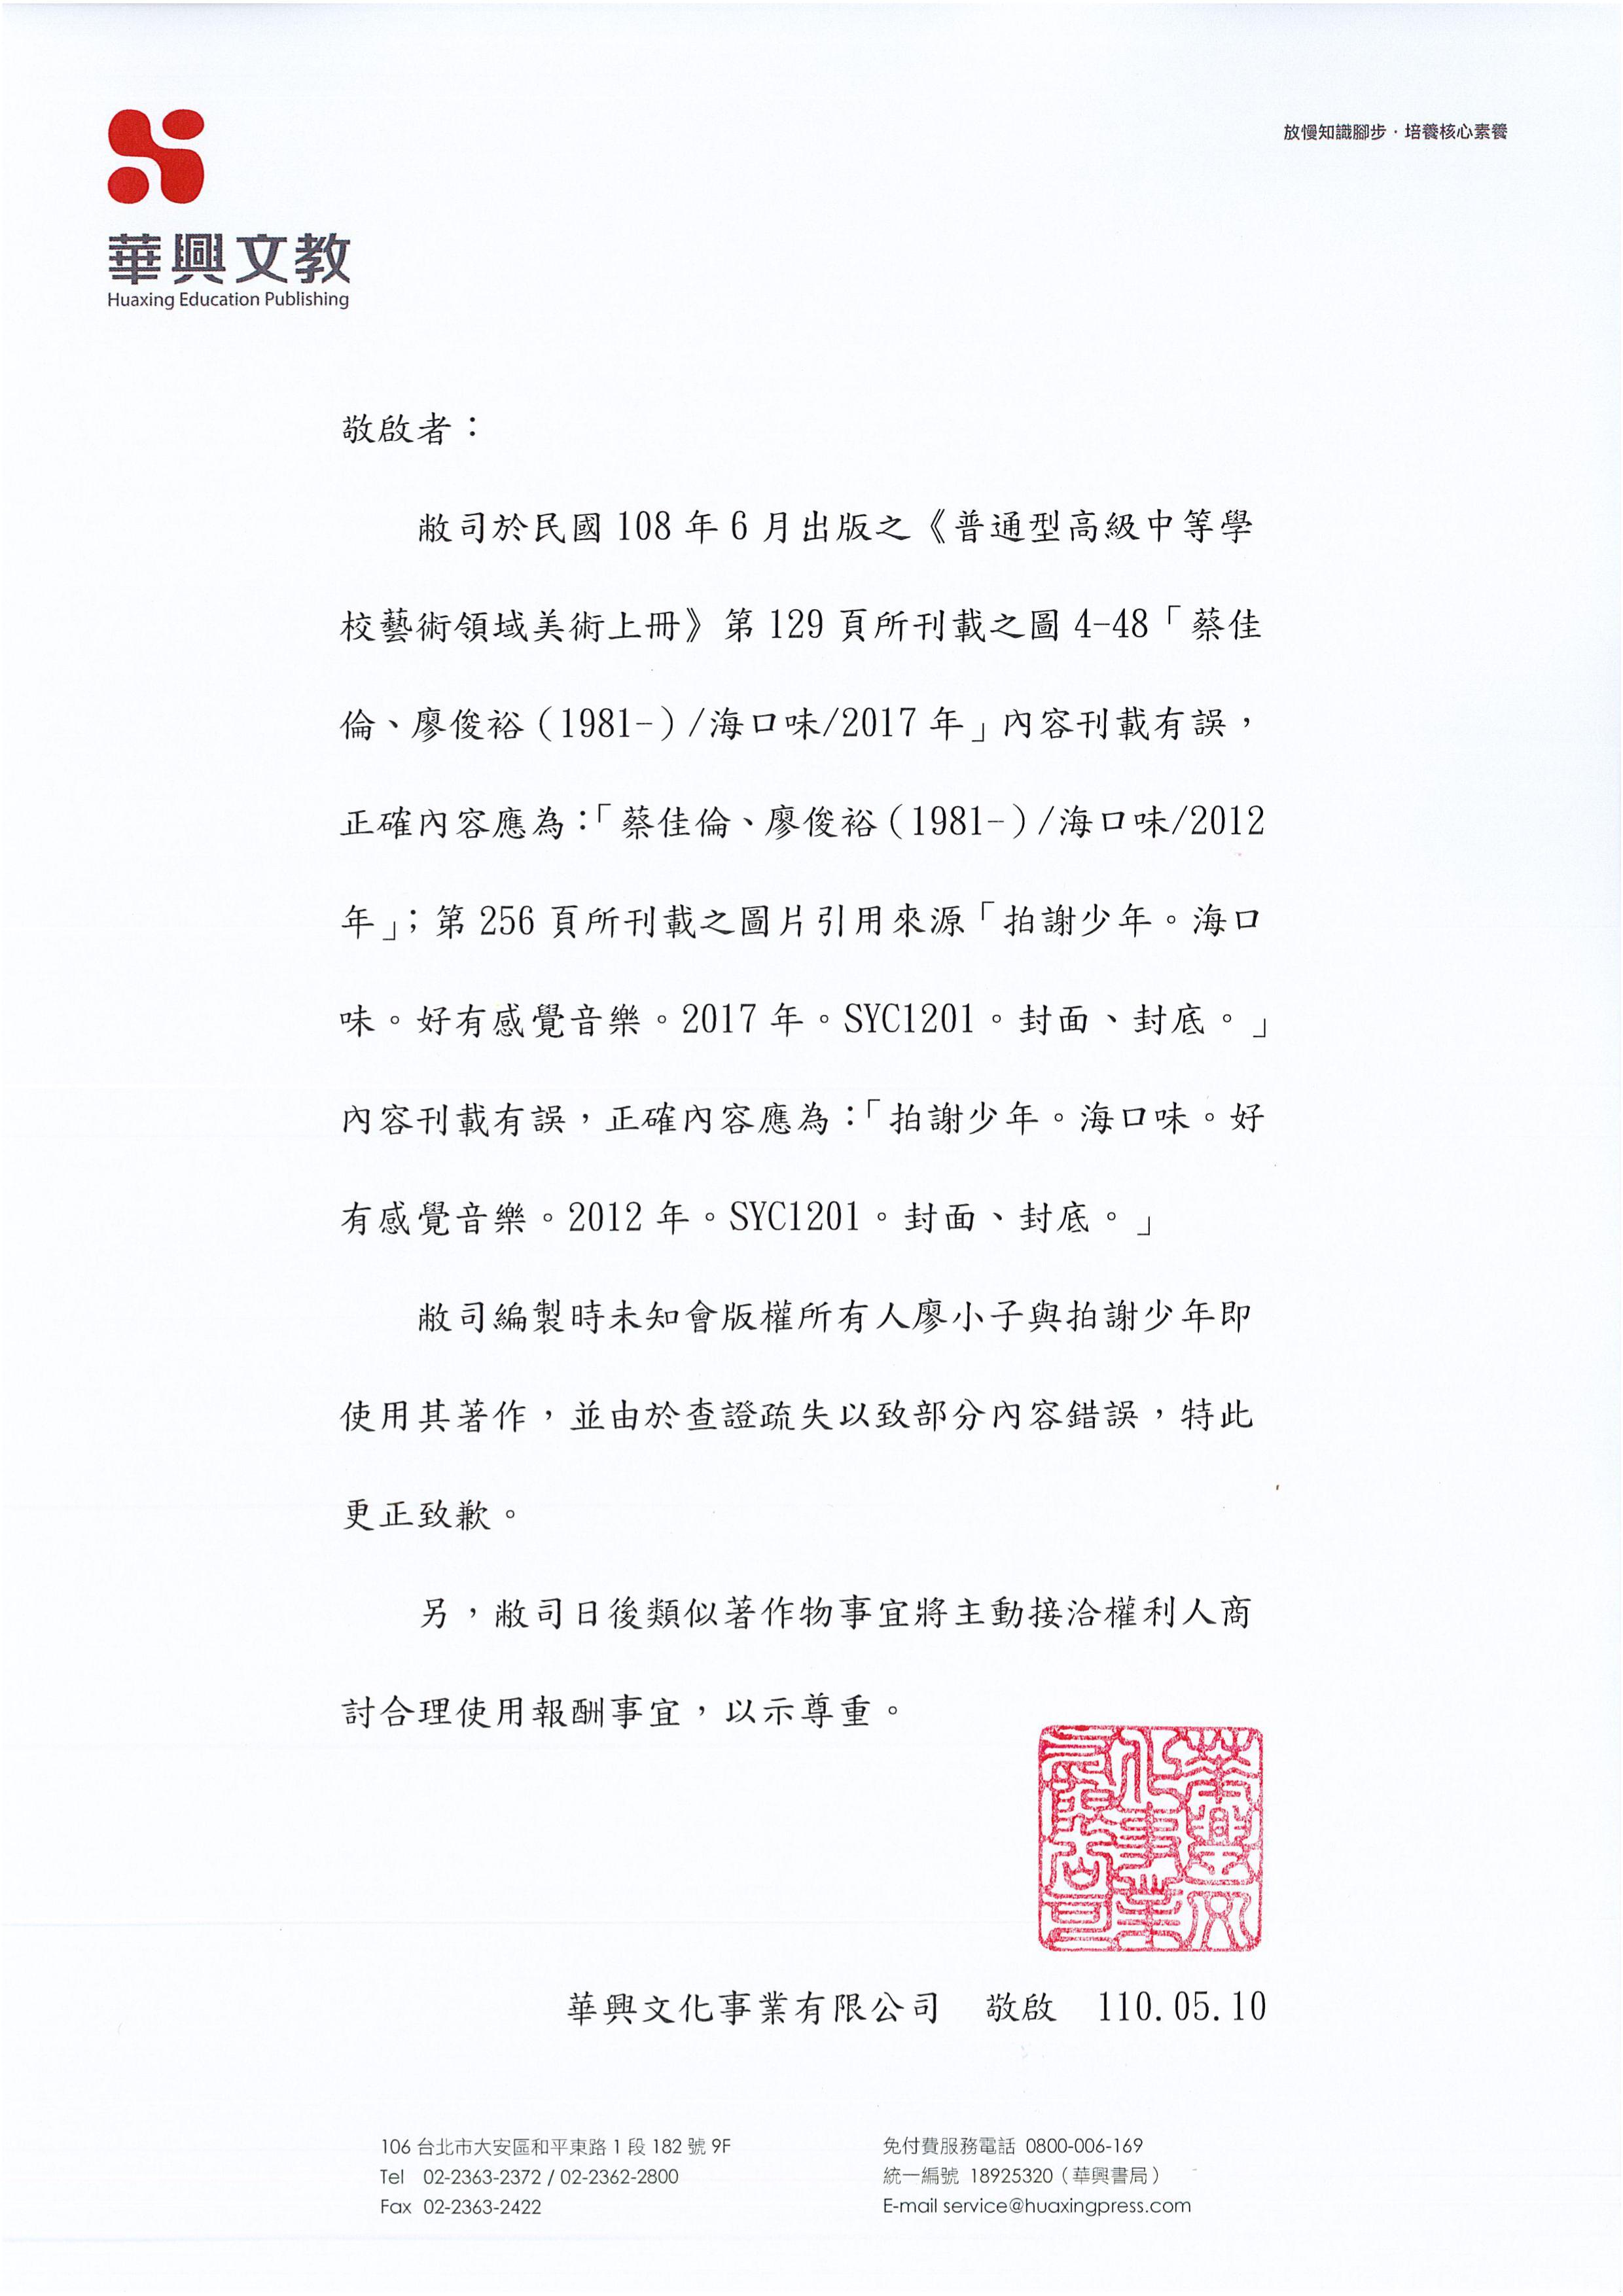 【華興文教】普通型高中美術上冊更正函